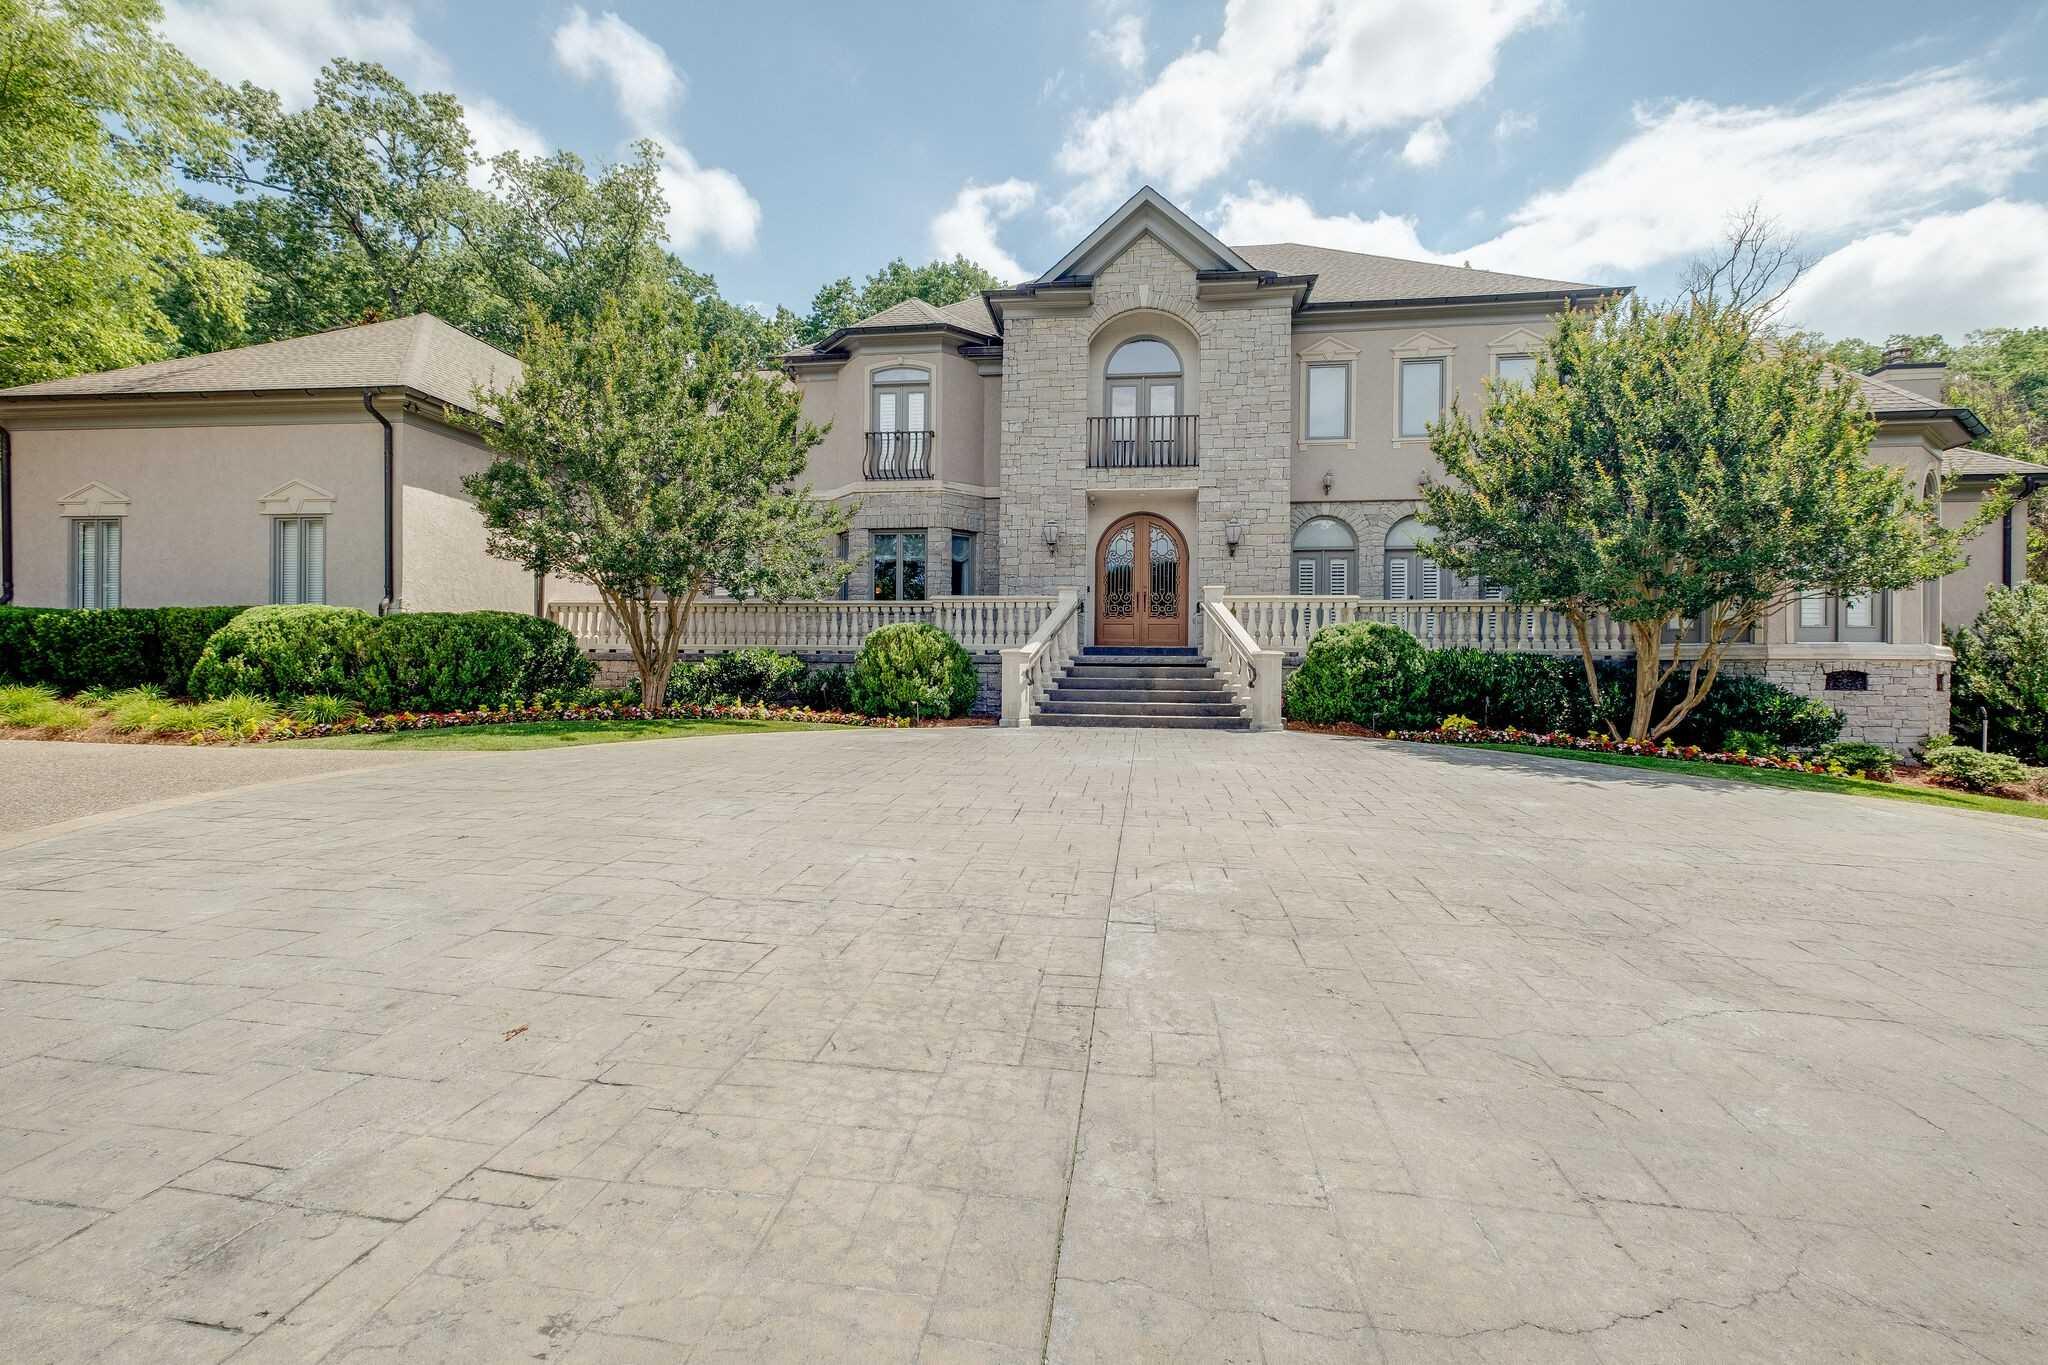 $3,085,000 - 5Br/6Ba -  for Sale in Forest Hills, Nashville